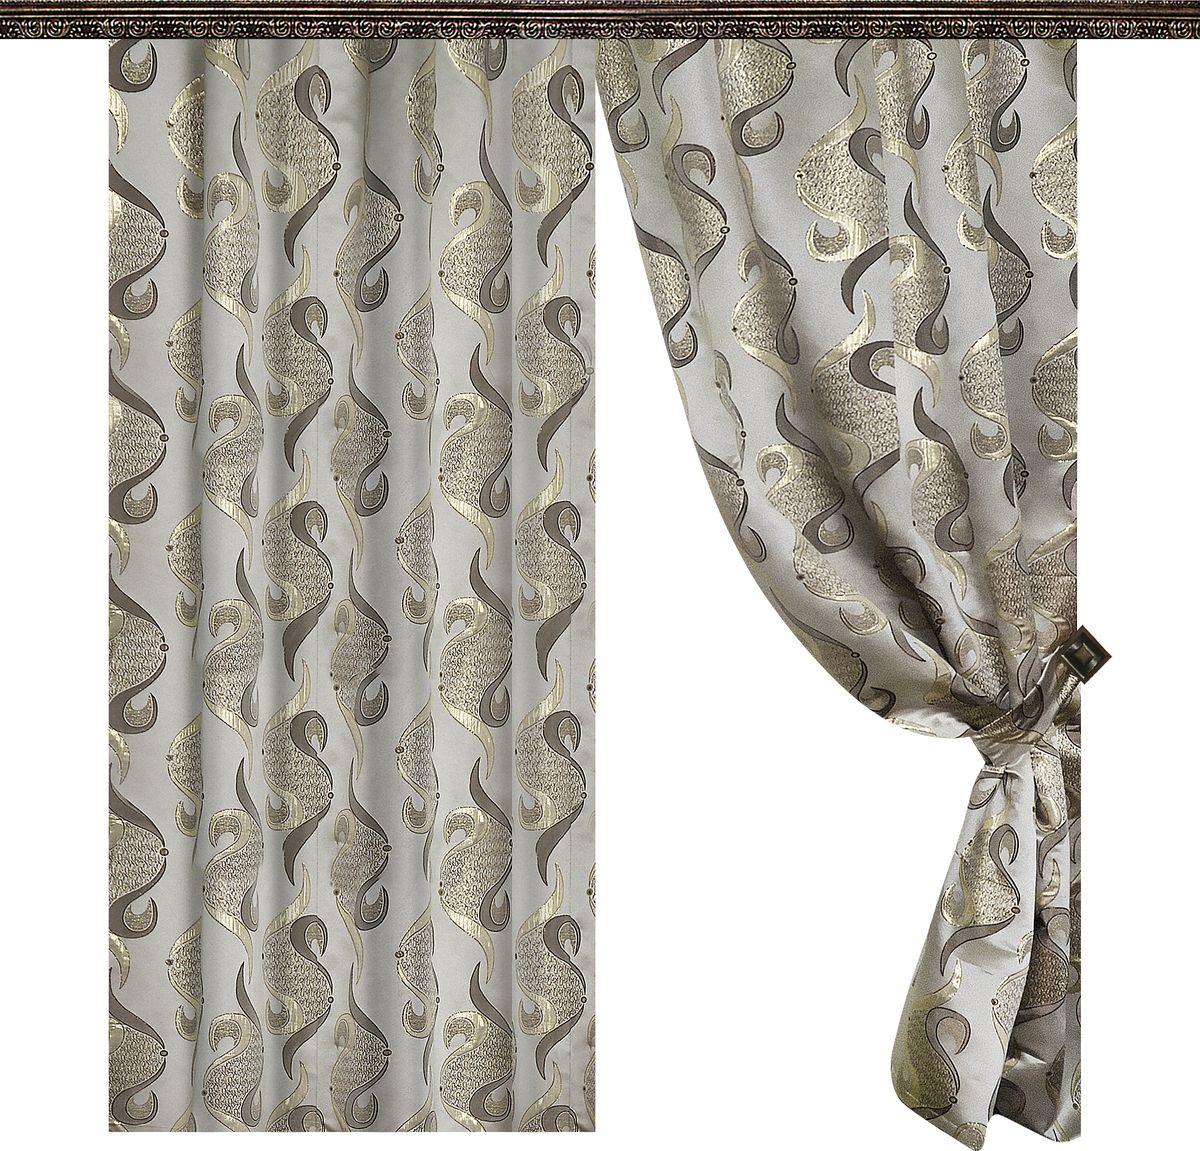 Комплект штор Zlata Korunka, на ленте, цвет: серый, высота 265 см777047Роскошный комплект штор Zlata Korunka комплект состоит из двух штор и двух подхватов, выполненных из 100% полиэстера, которыевеликолепно украсит любое окно. Плотная ткань, оригинальный орнамент и приятная цветовая гамма привлекут к себе внимание и органично впишутся в интерьерпомещения.Комплект крепится на карниз при помощи шторной ленты, которая поможеткрасиво и равномерно задрапировать верх. Этот комплект будет долгое время радовать вас и вашу семью!В комплект входит:Штора: 2 шт. Размер (ШхВ): 145 см х 265 см.Подхват: 2 шт.